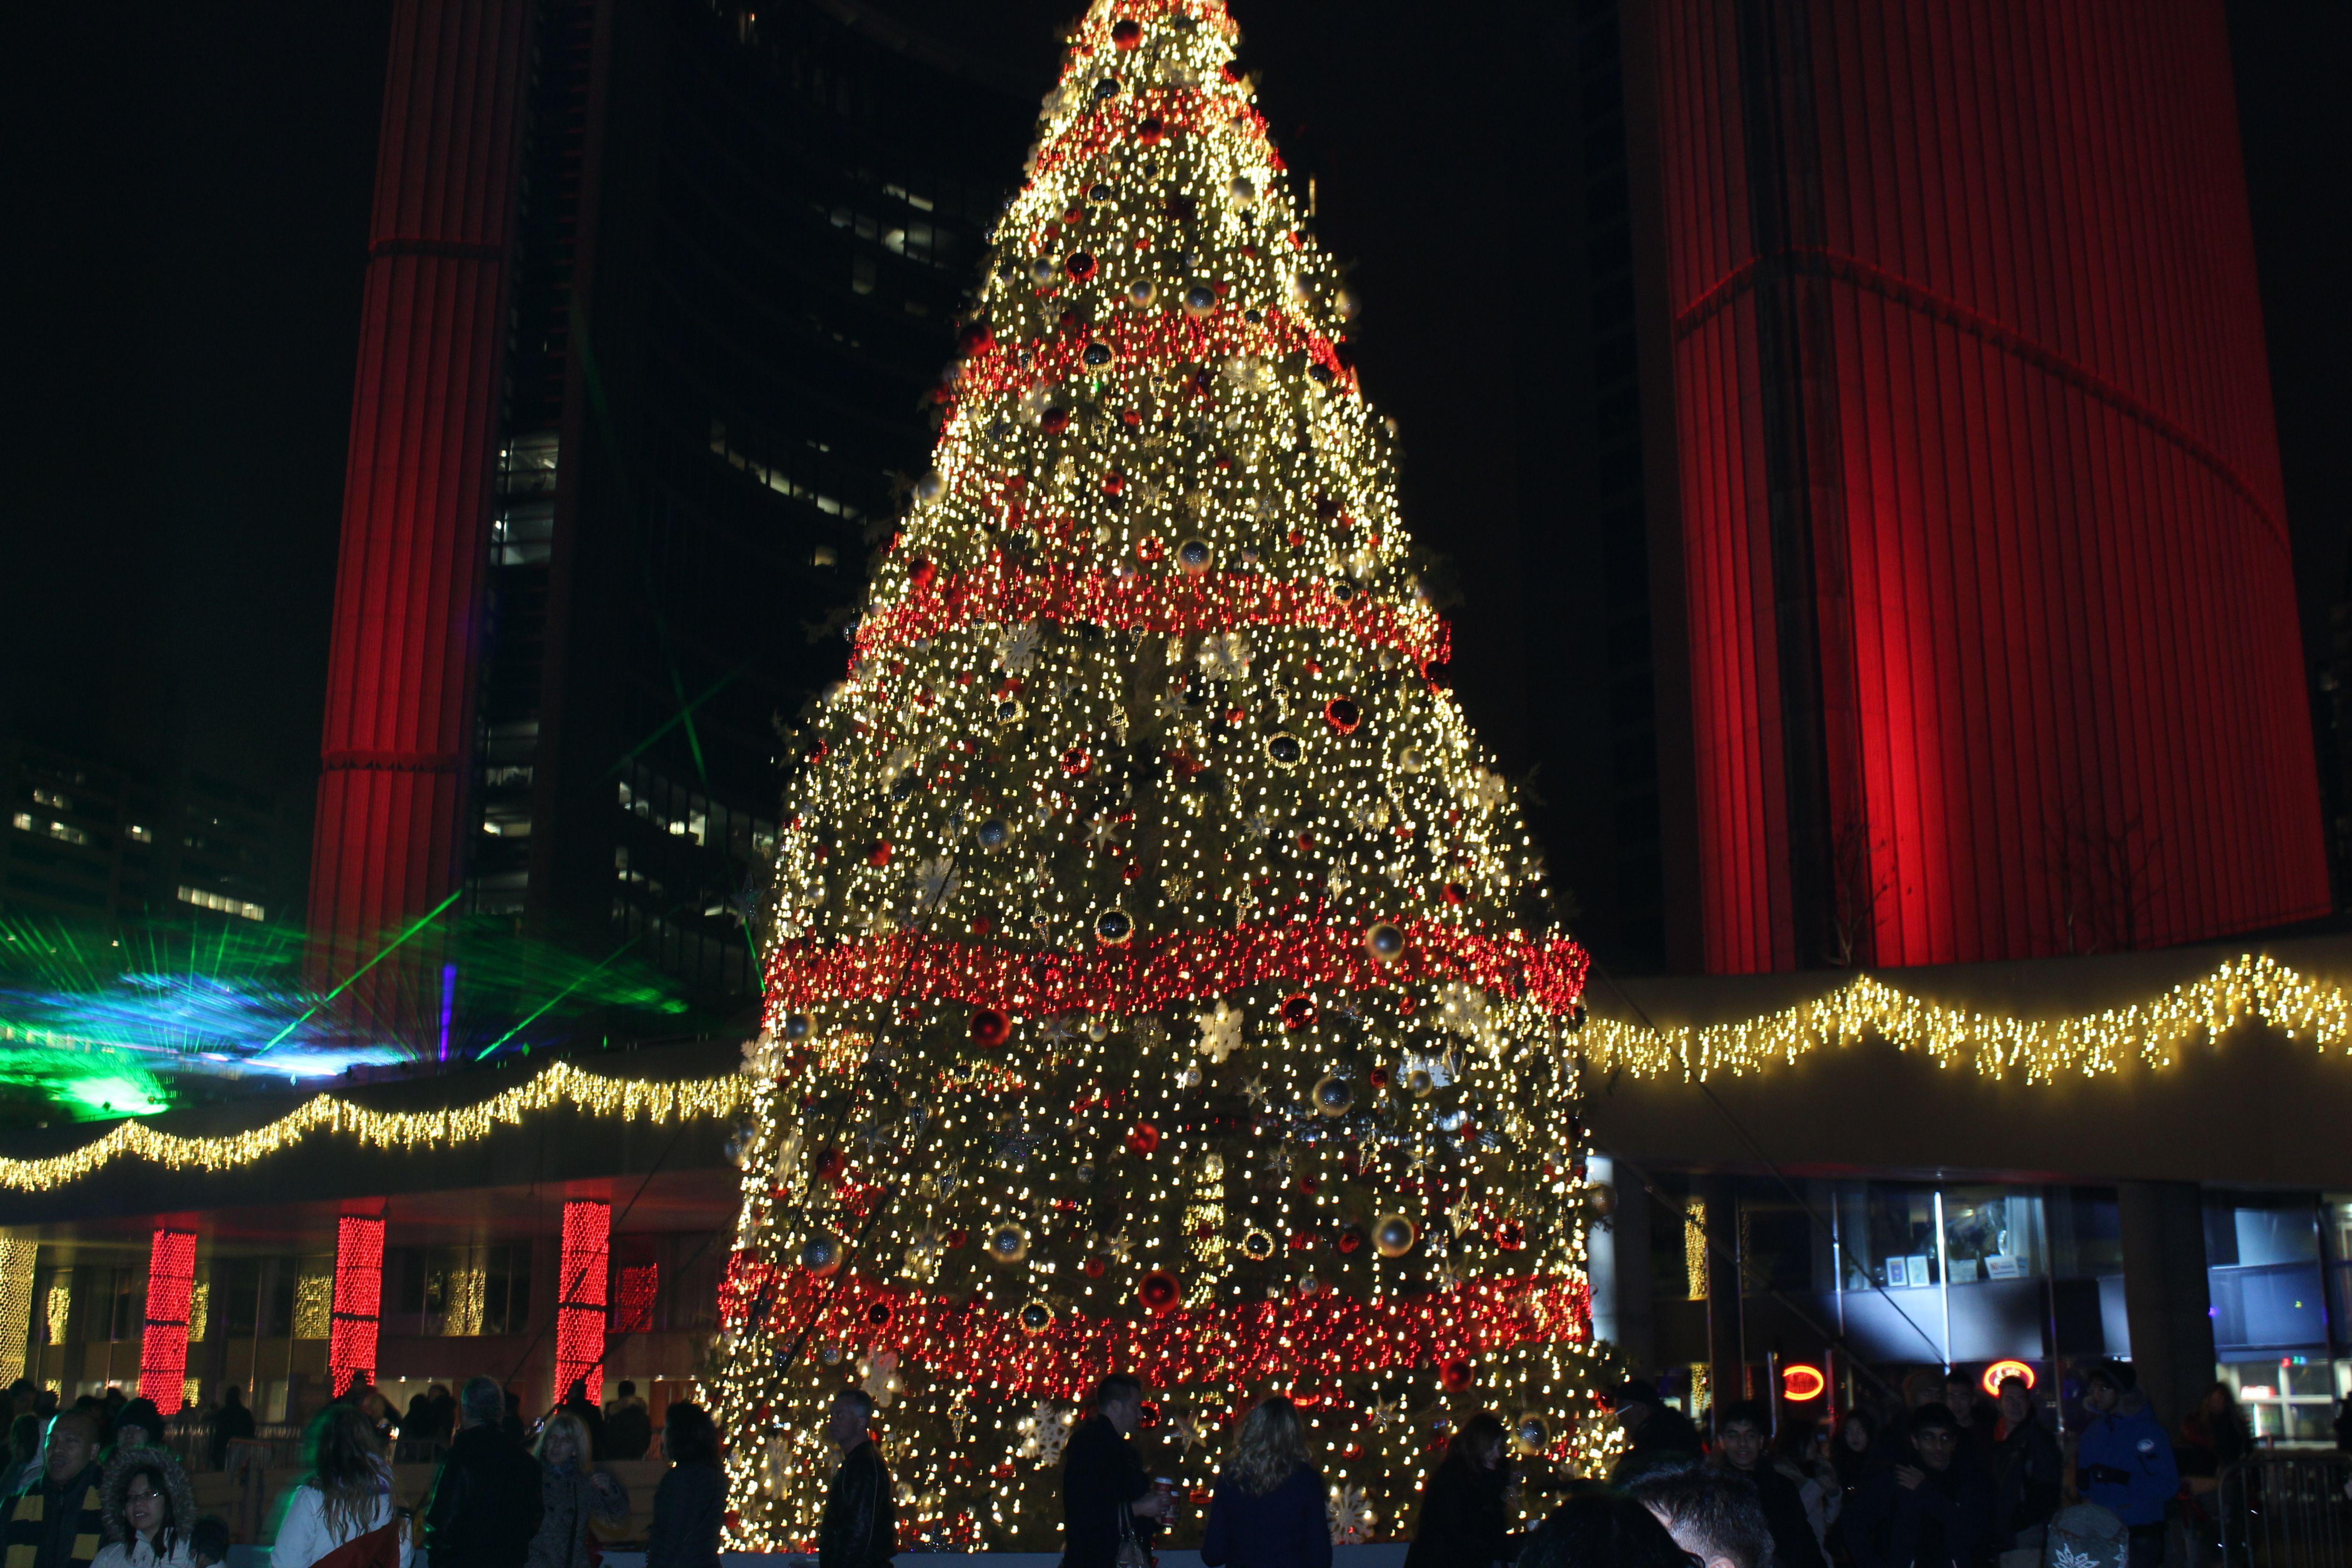 Christmas Lights, Nathan Phillips Square, Toronto, Canada